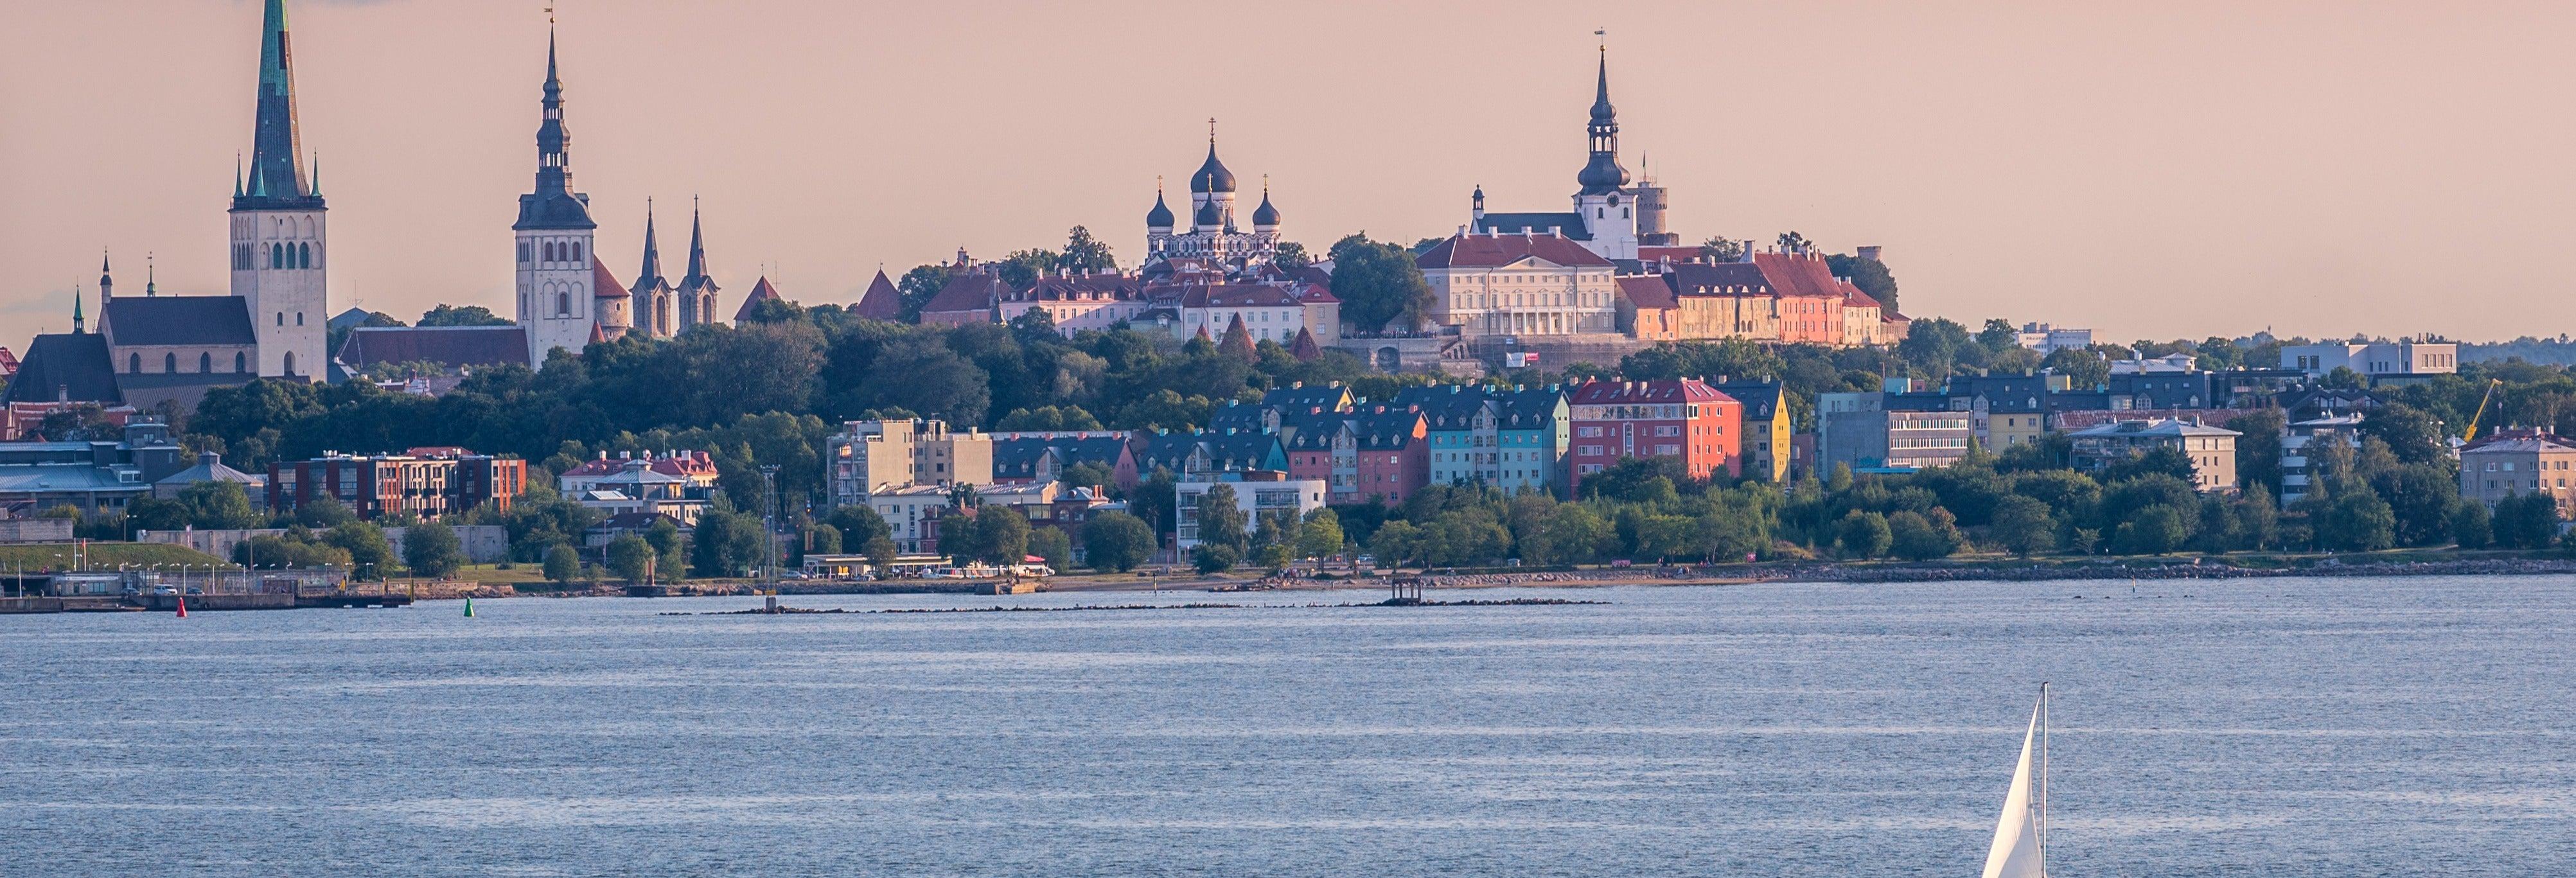 Paseo en barco por la bahía de Tallin